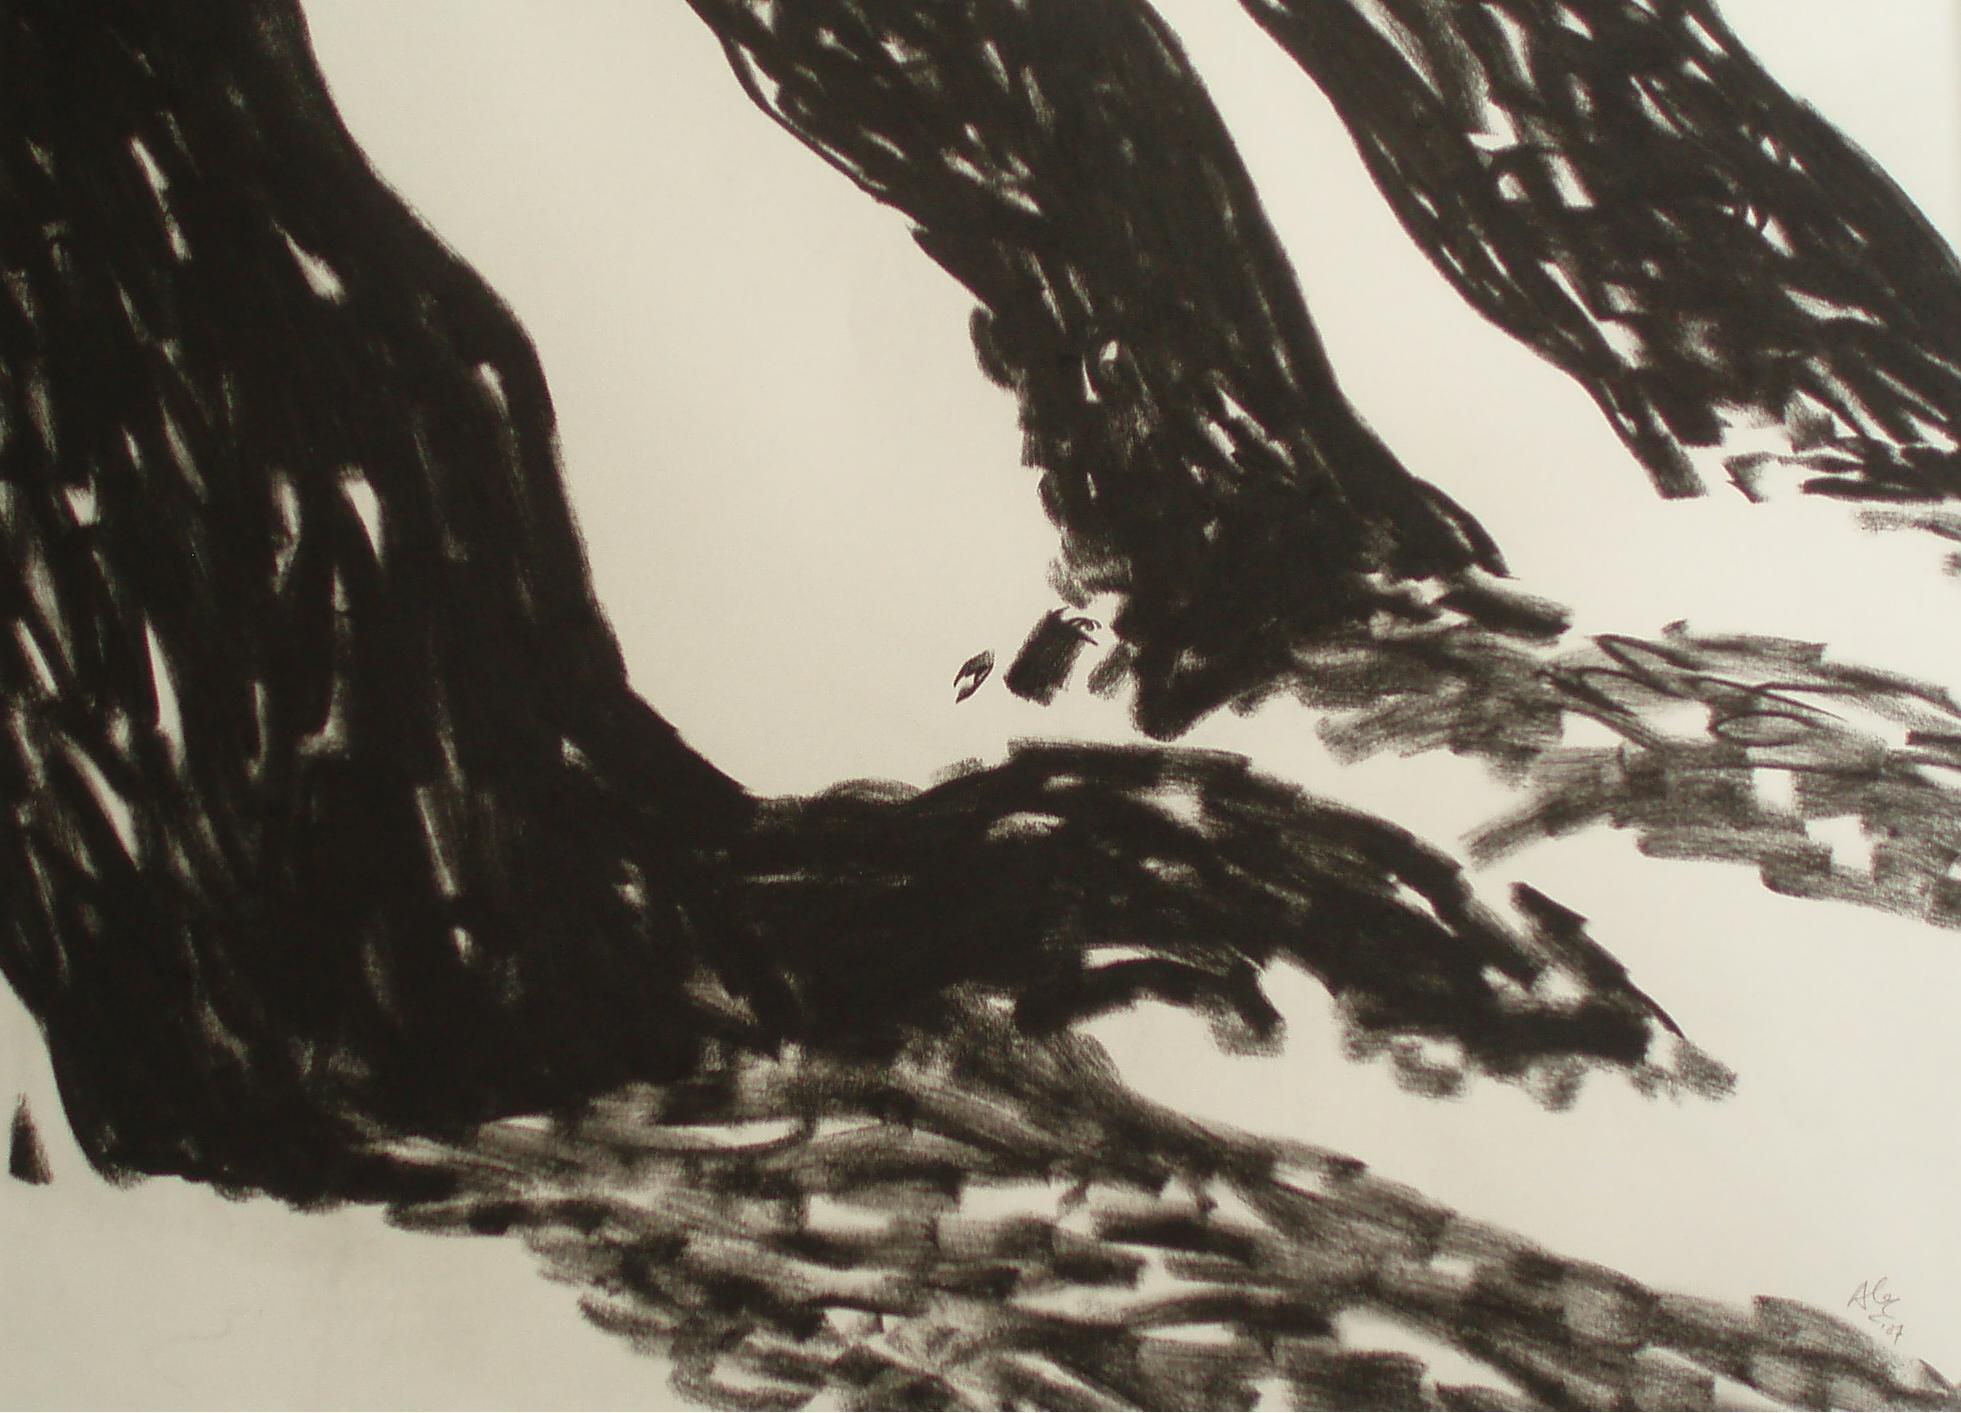 Krijt op papier, 2007